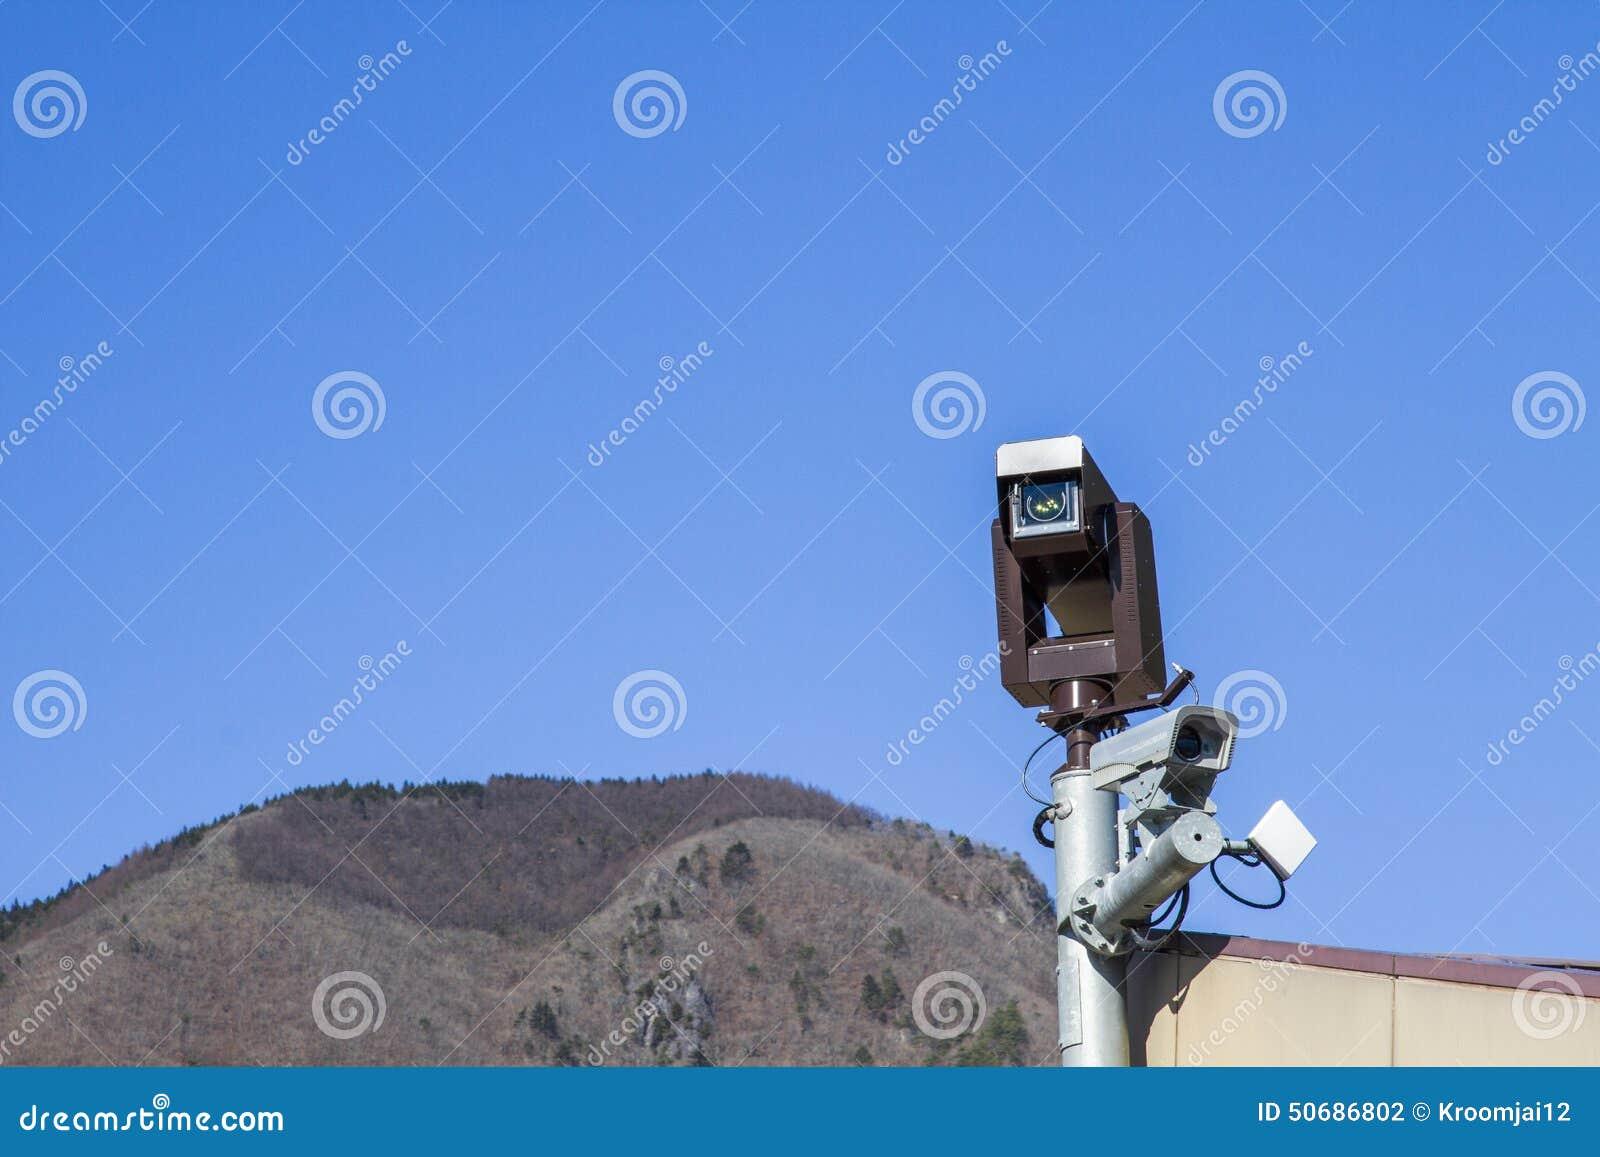 安全监控相机CCTV录影监视